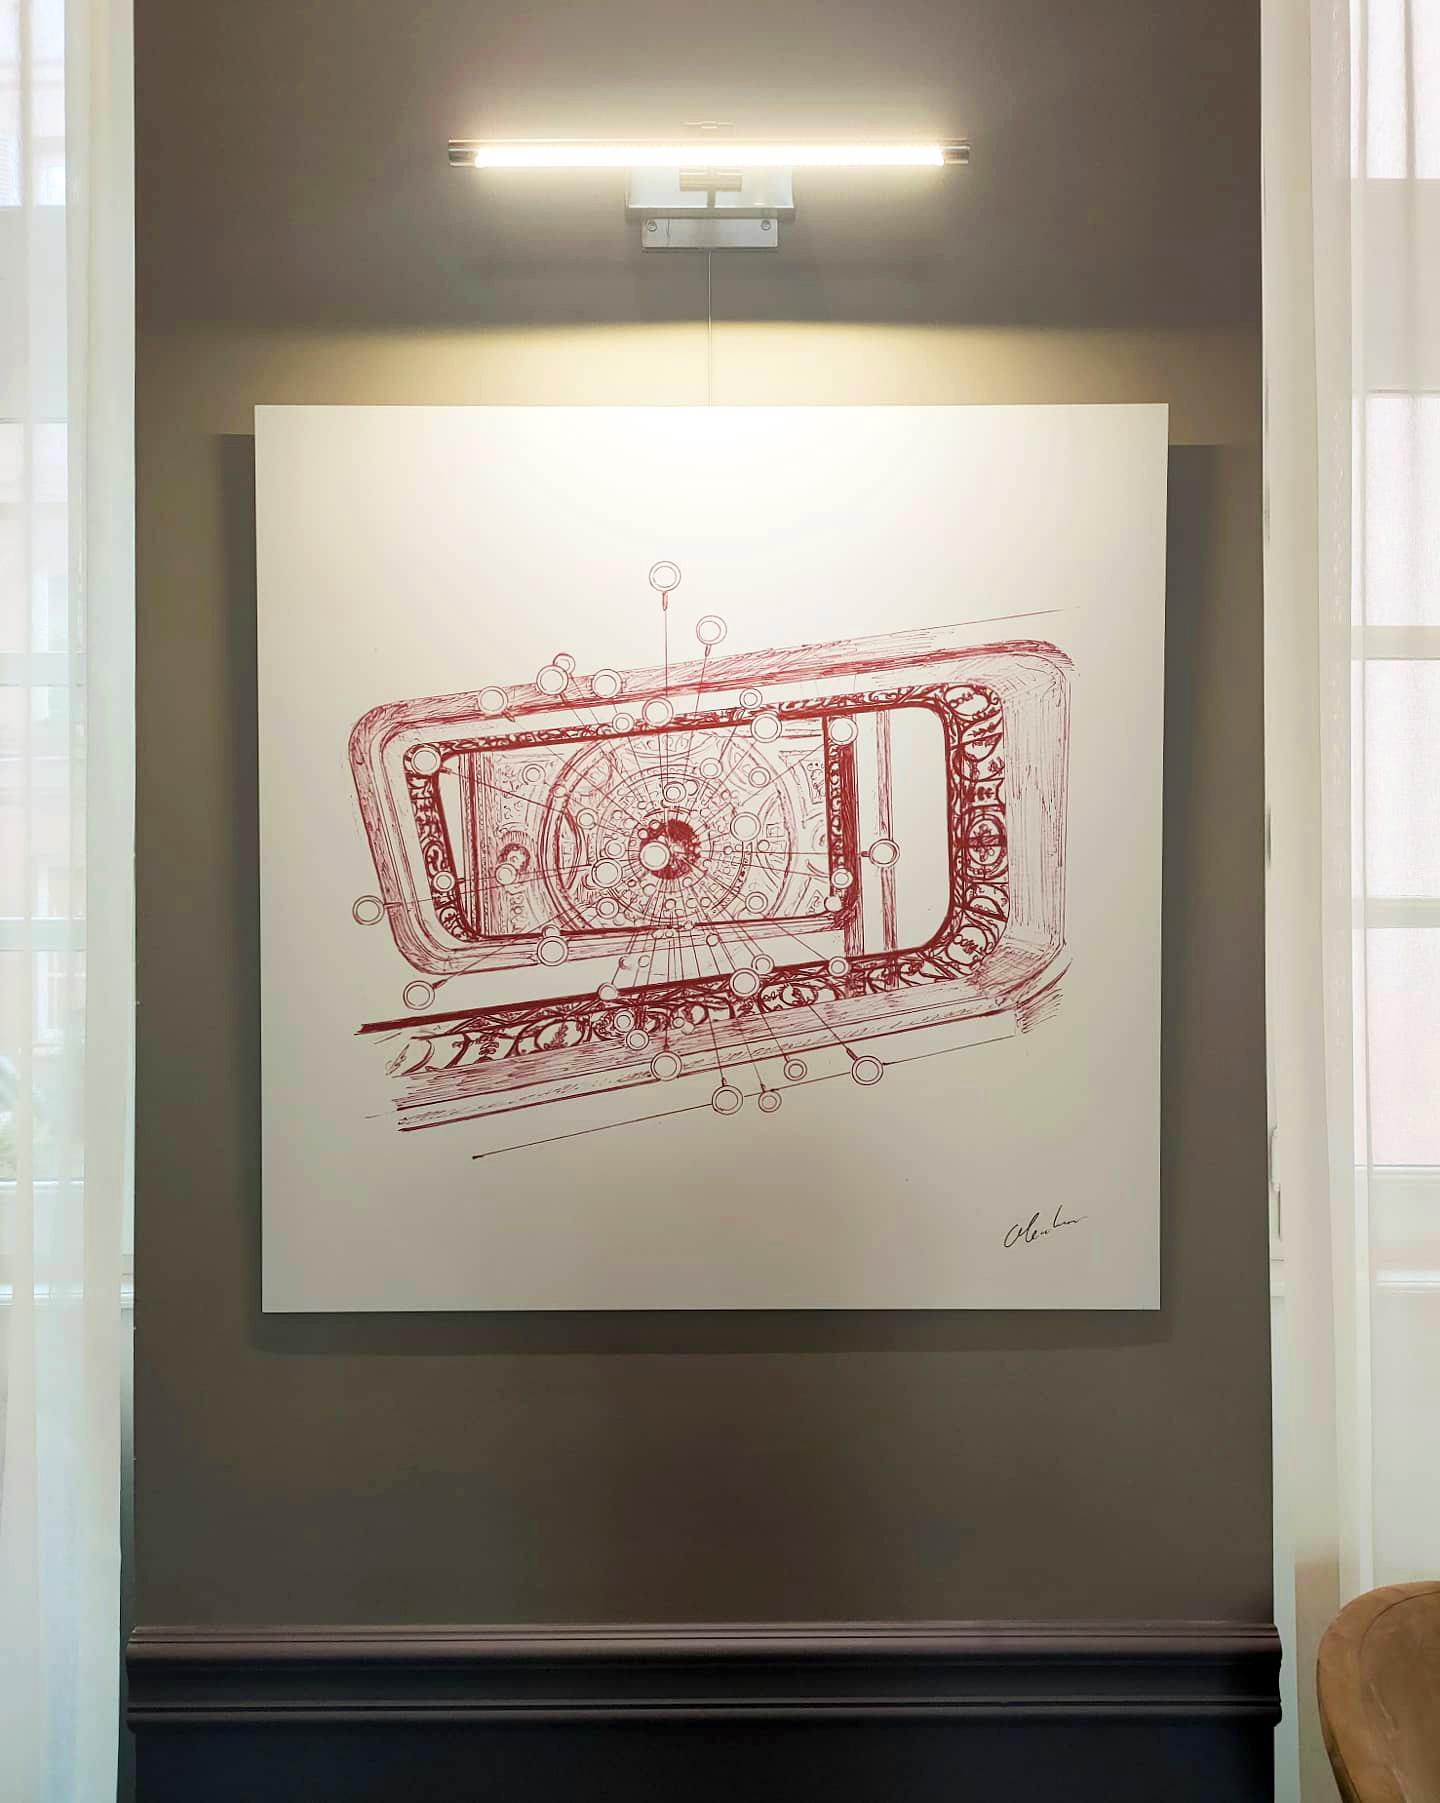 """Photographie du dessin intitulé """"Le Lustre de l'Escalier"""" exposé au restaurant Le Cénacle de Toulouse"""